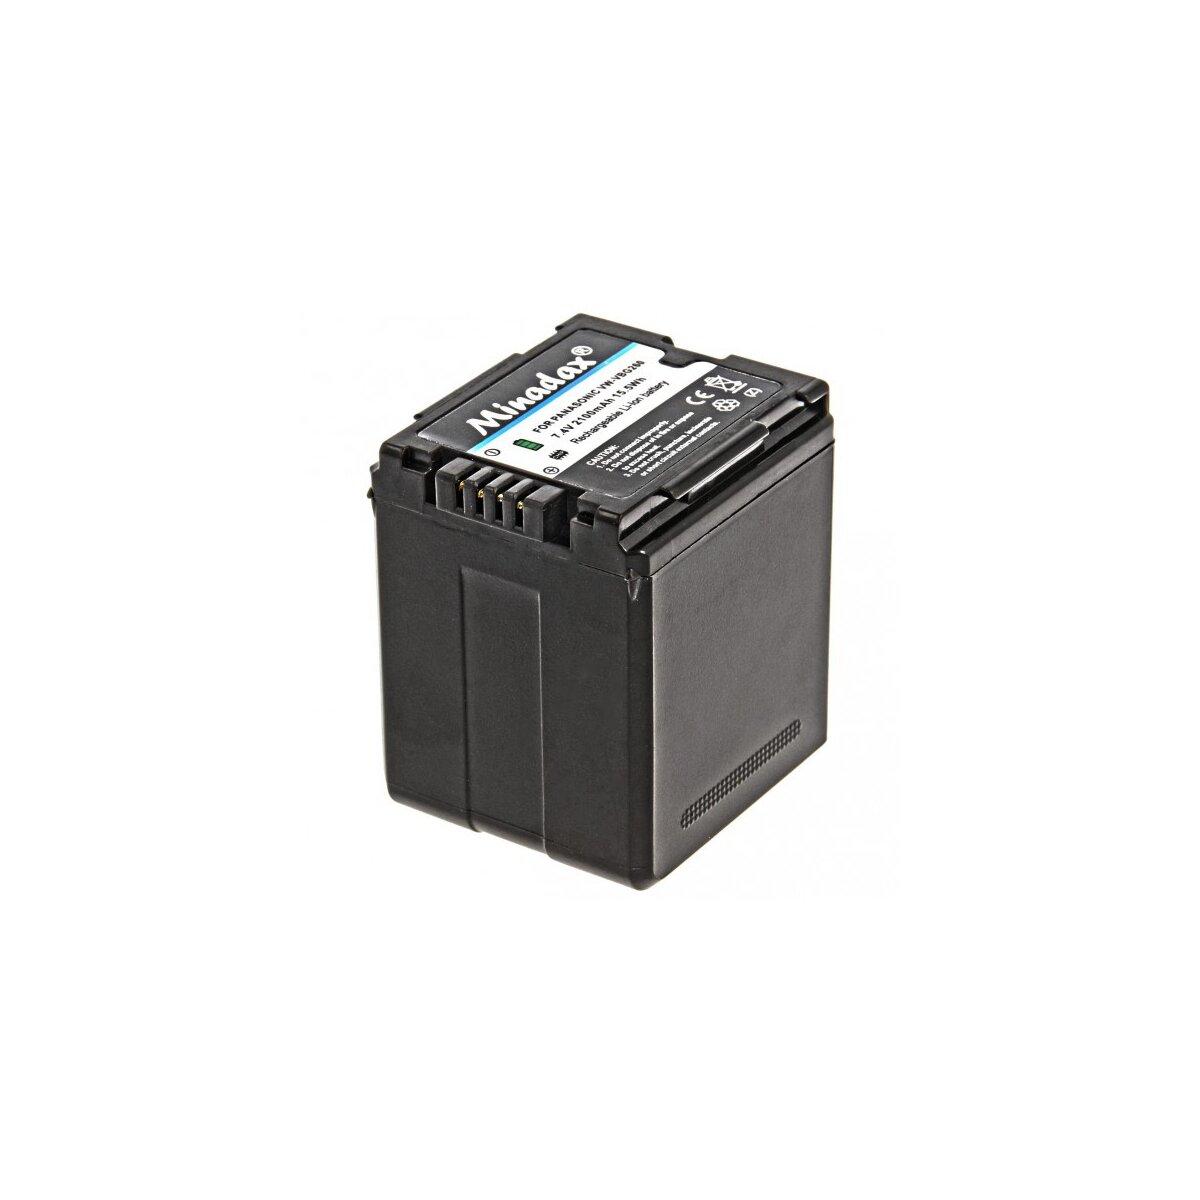 Minadax® Qualitaetsakku mit echten 2100 mAh fuer Panasonic HDC DX1 H40 GS90 SD20, wie VW VBG260 - Intelligentes Akkusystem mit Chip